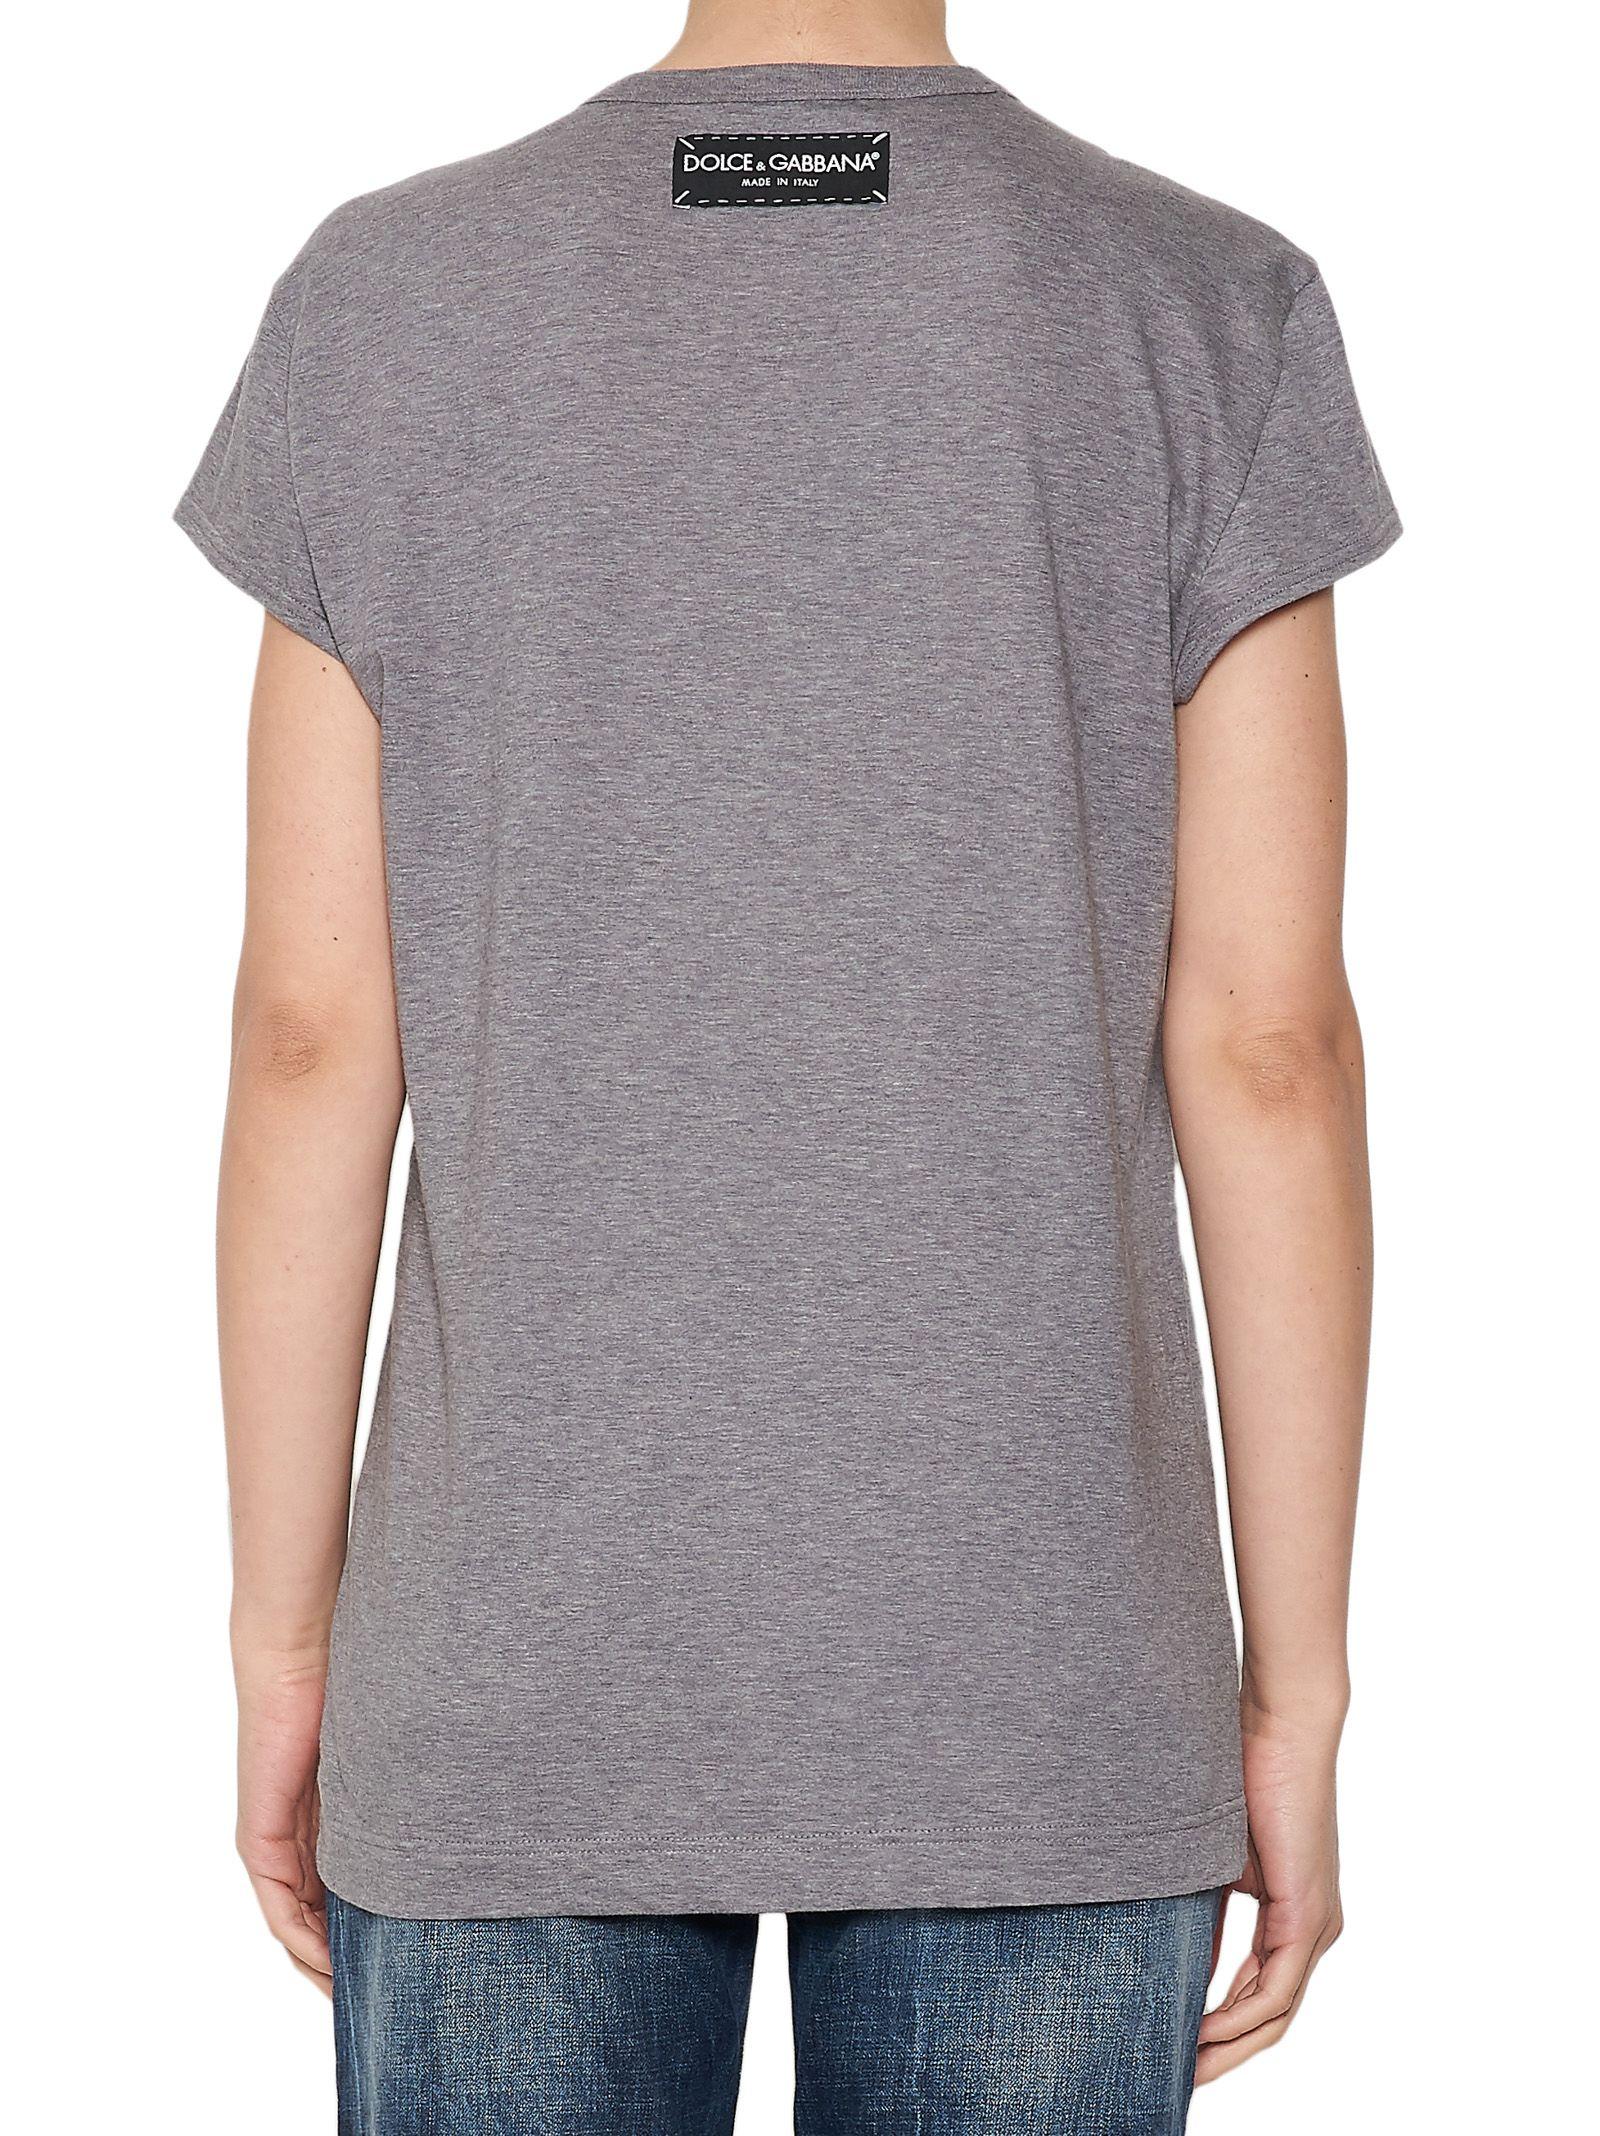 Dolce gabbana dolce gabbana t shirt grey women 39 s for Dolce gabbana t shirt women